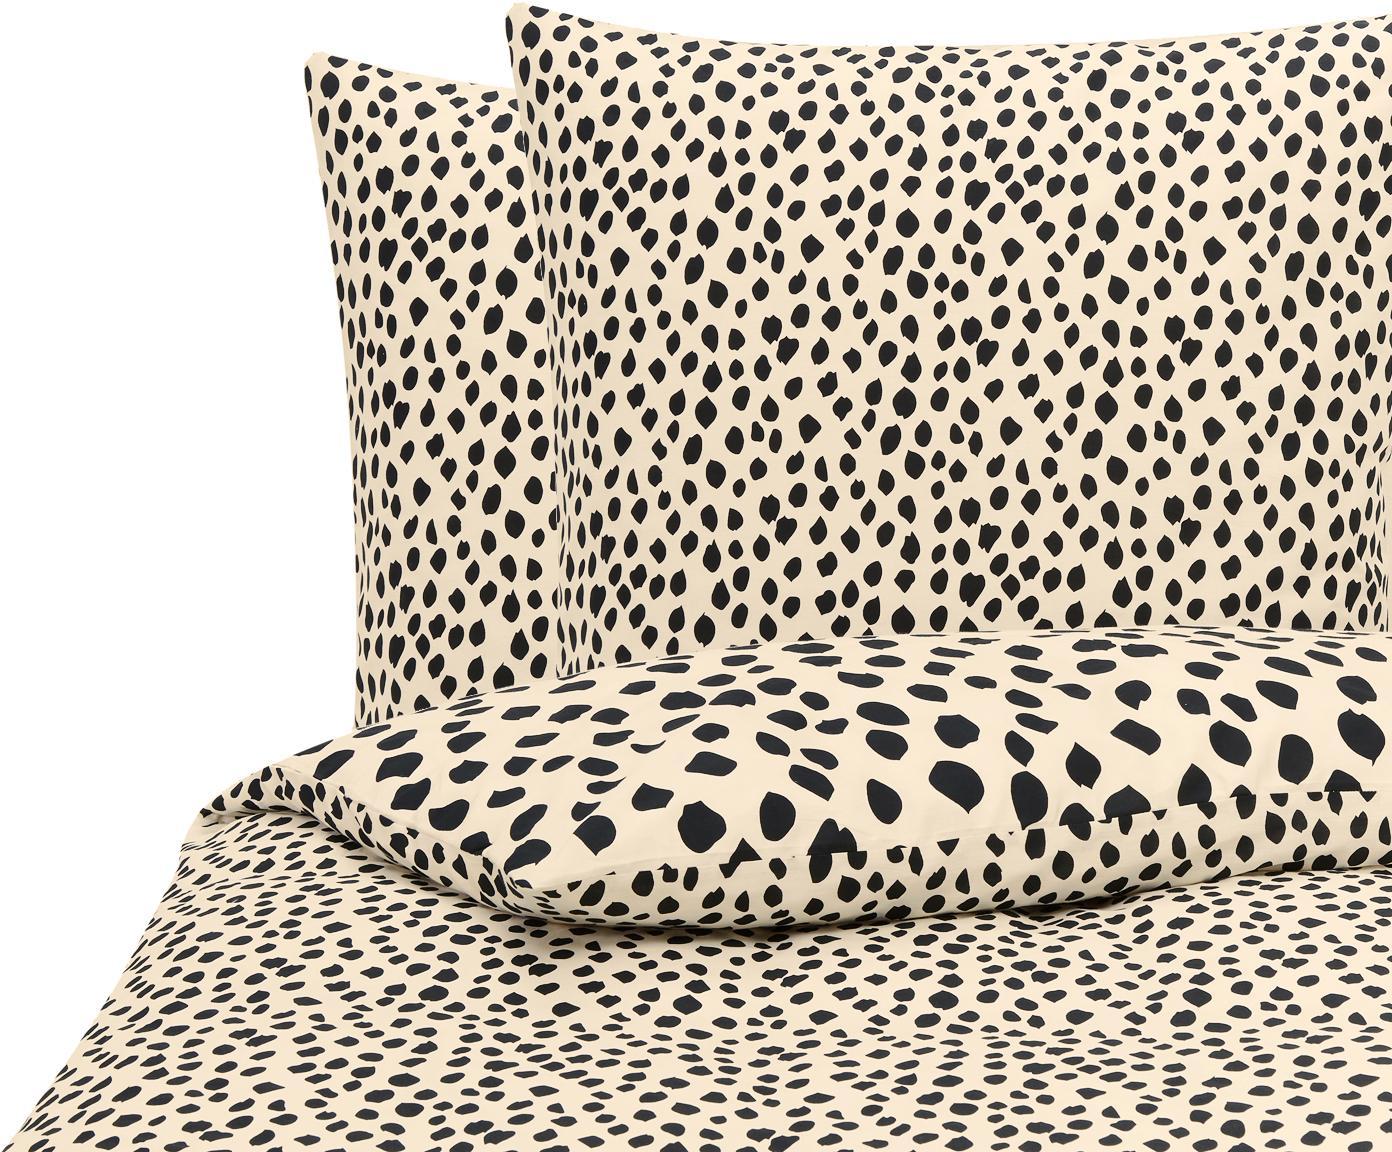 Baumwoll-Bettwäsche Go Wild mit Leoparden-Muster, 100% Baumwolle  Bettwäsche aus Baumwolle fühlt sich auf der Haut angenehm weich an, nimmt Feuchtigkeit gut auf und eignet sich für Allergiker., Beige,Schwarz, 200 x 220 cm + 2 Kissen 80 x 80 cm